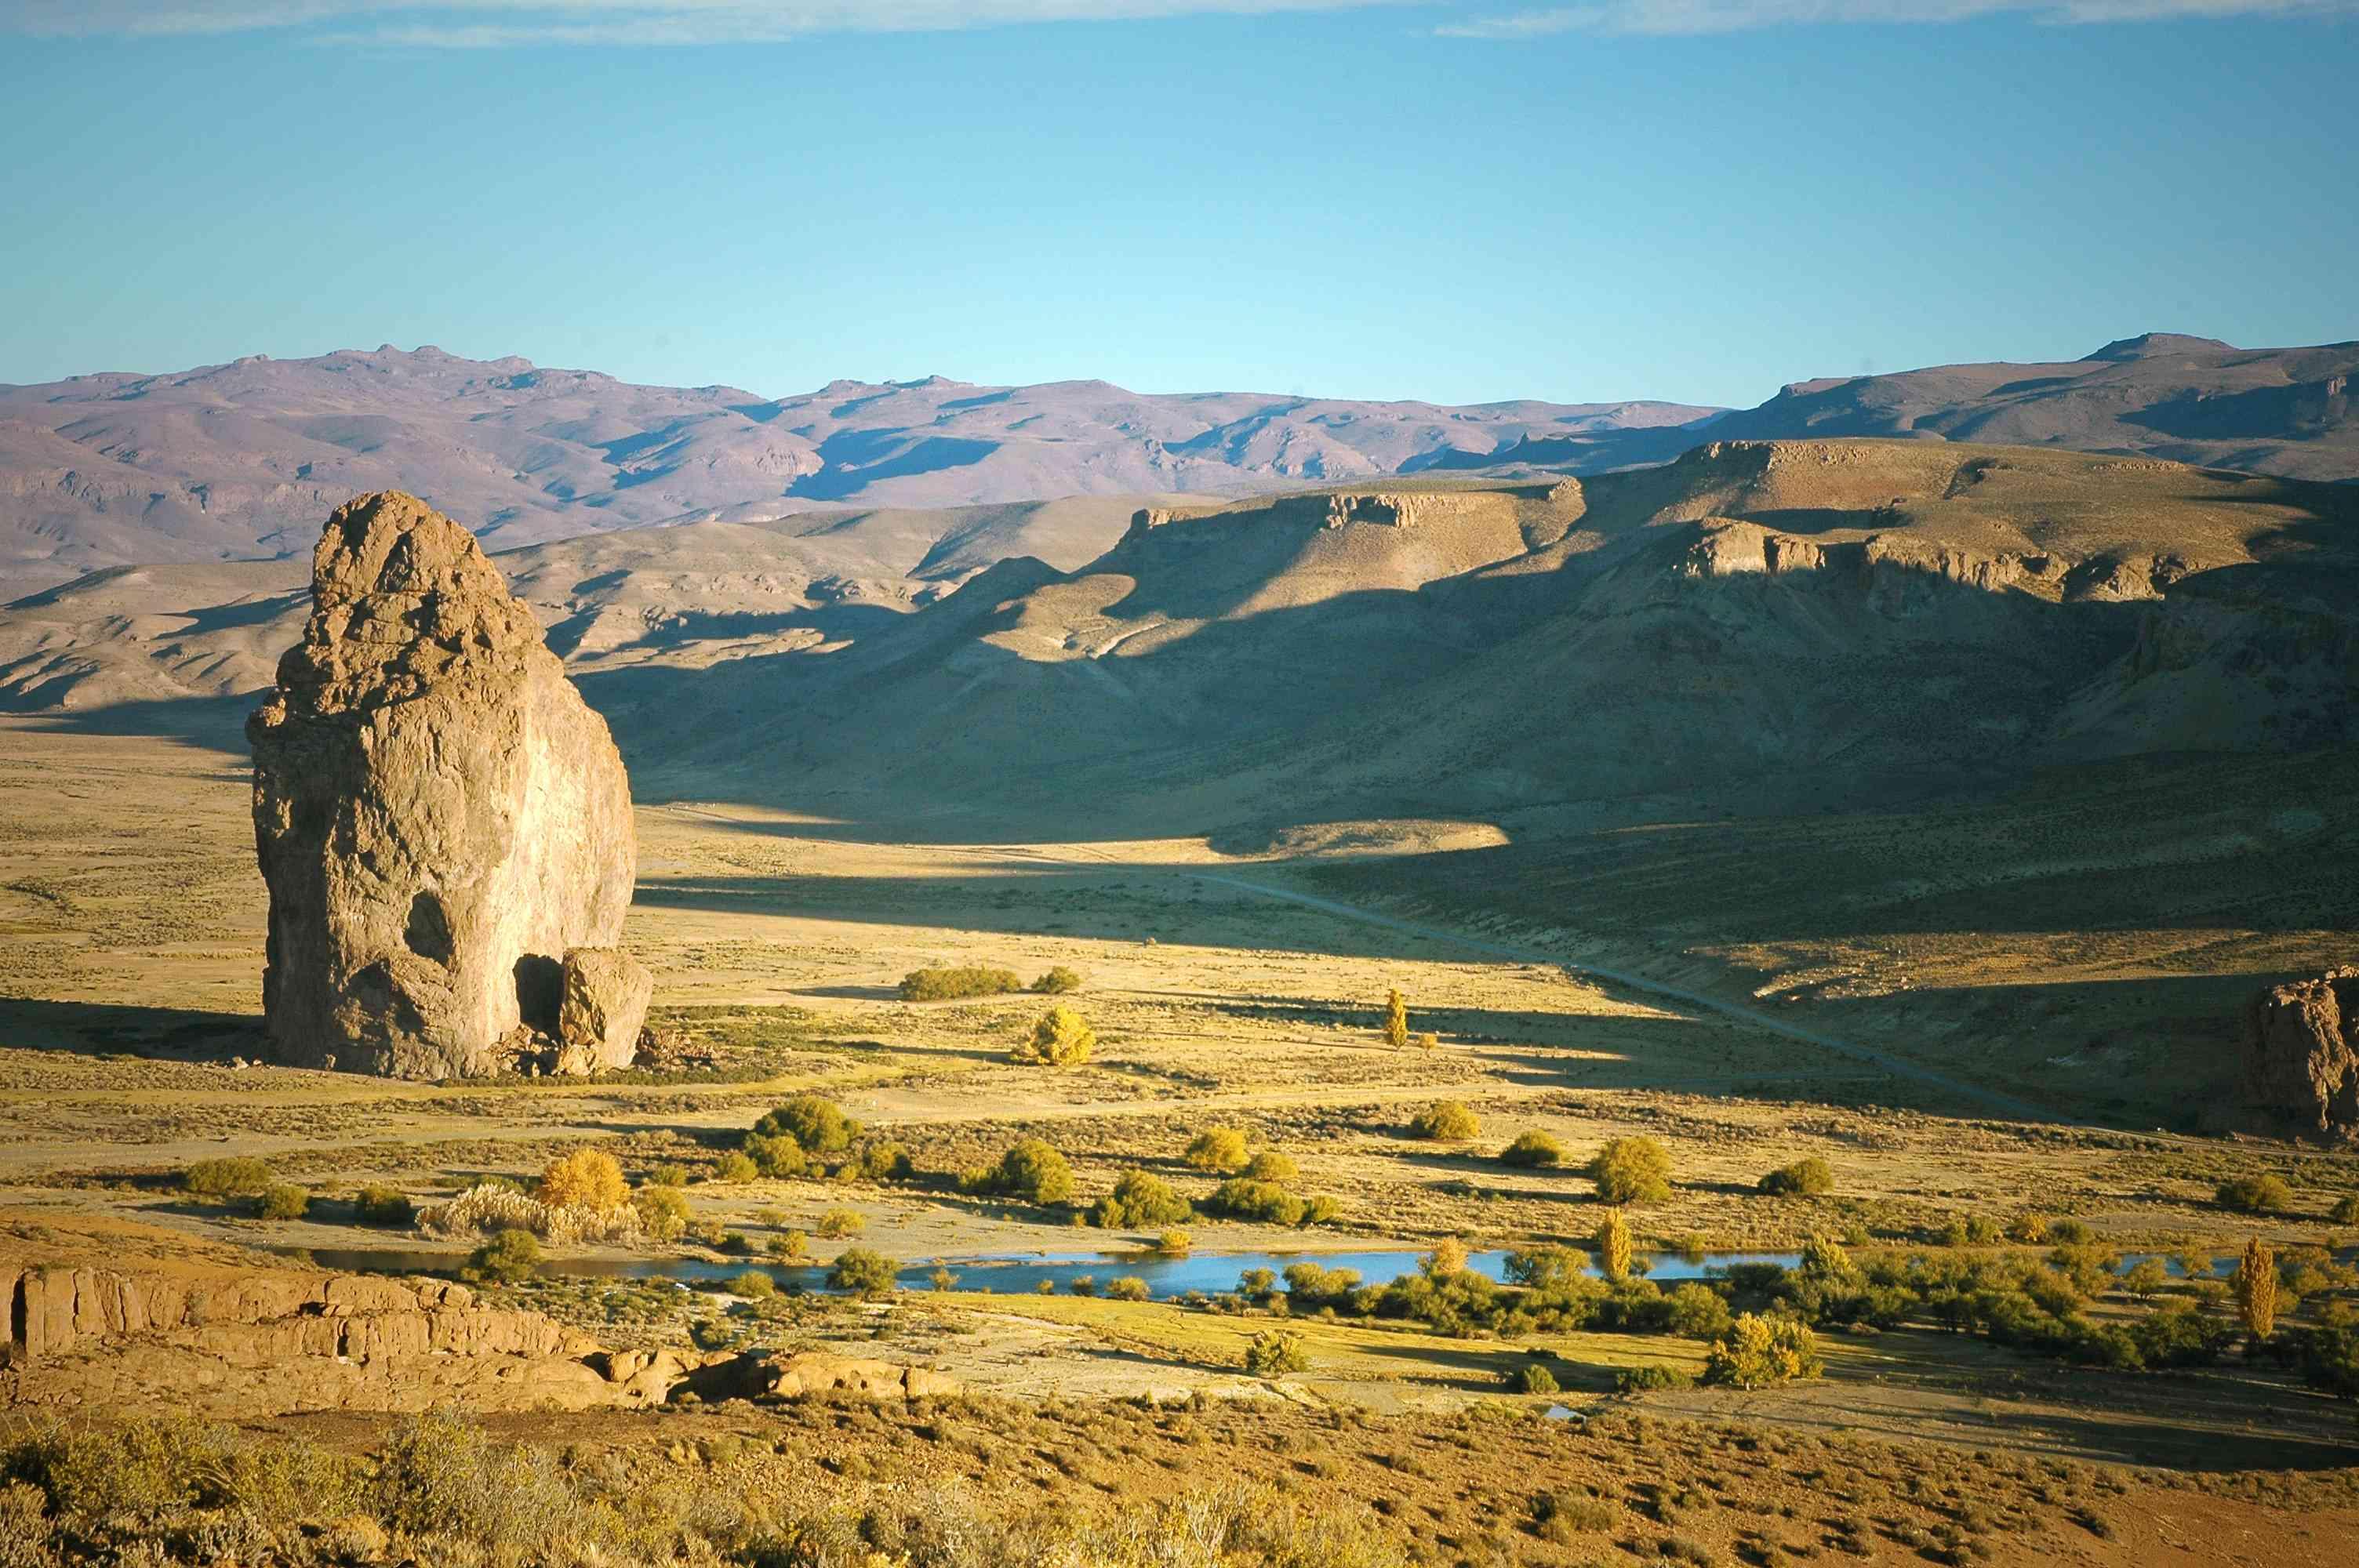 Piedra Parada, Chubut, Patagonia